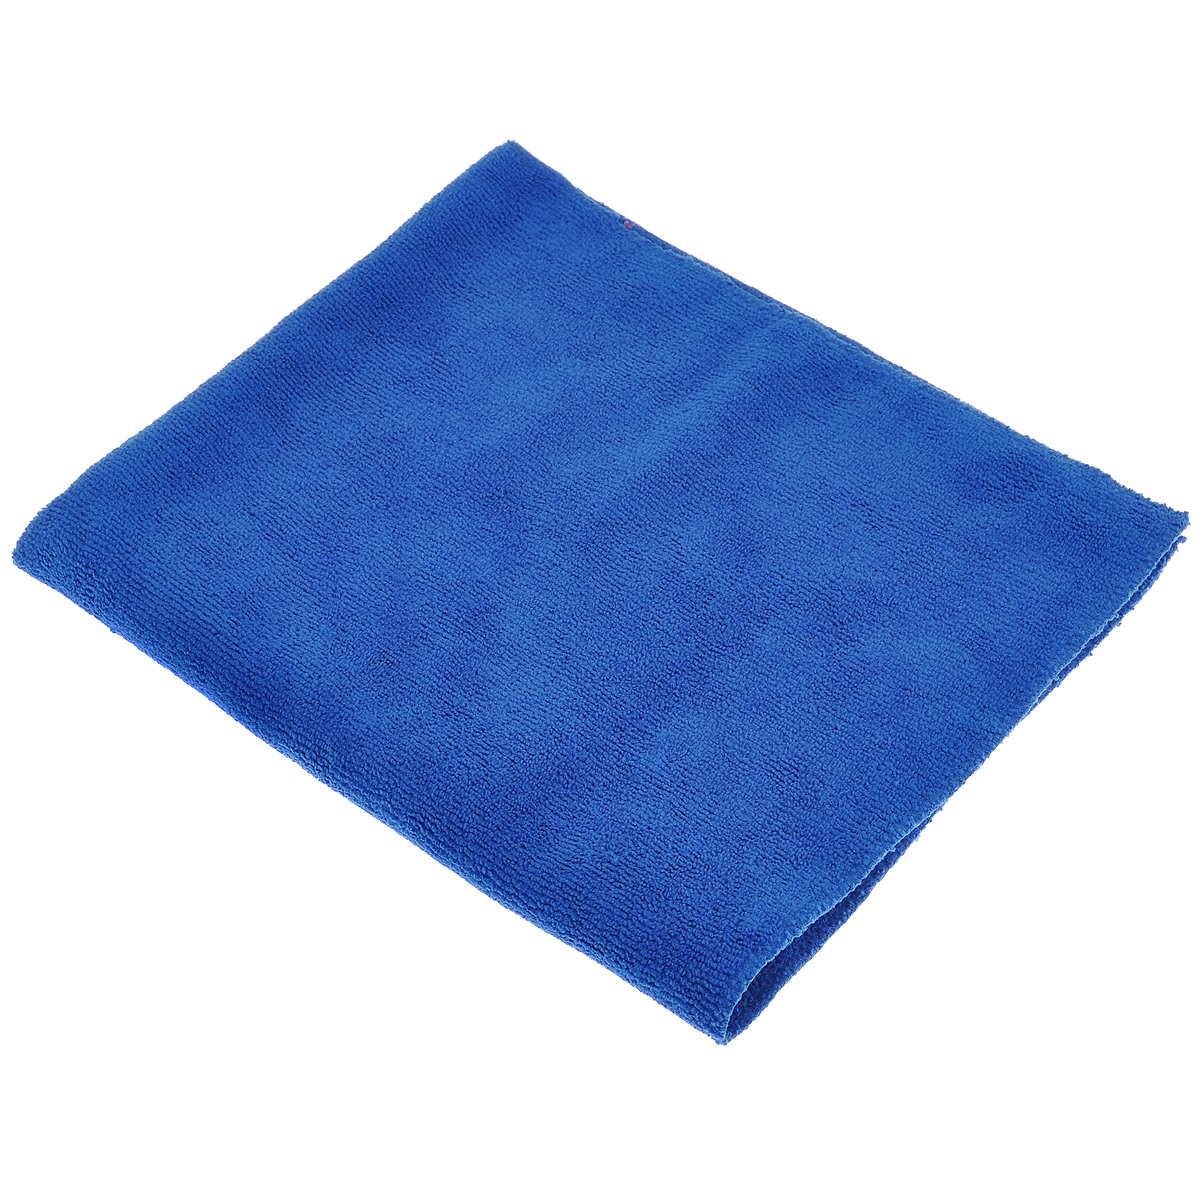 Тряпка для пола Eva, цвет: синий, 50 х 60 см787502Тряпка для пола Eva выполнена из микрофибры (полиэстера и полиамида).Благодаря микроструктуре волоконона проникает в поры материалов, а поэтому может удалять загрязнения безприменения химических средств. Тряпка удерживает влагу, не оставляетразводов иворса.Размер: 50 см х 60 см.